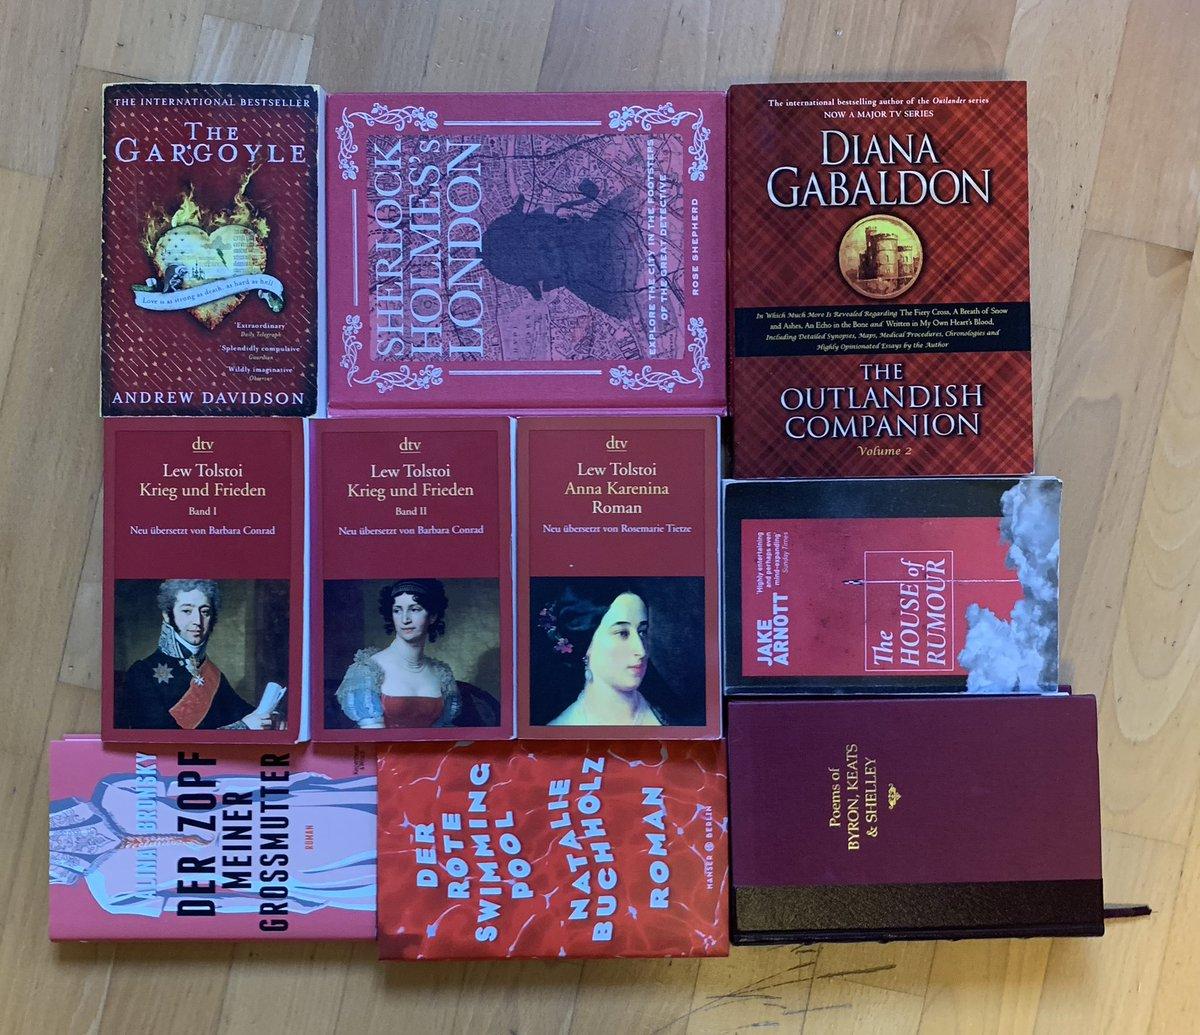 Zum #redmonday mal eine rote Buch-Versammlung. Da sind mit Tolstoi, Sherlock und dem Gargoyle zufällig ein paar meiner Allerliebsten dabei. Was habt ihr denn für rote Leseschätze?